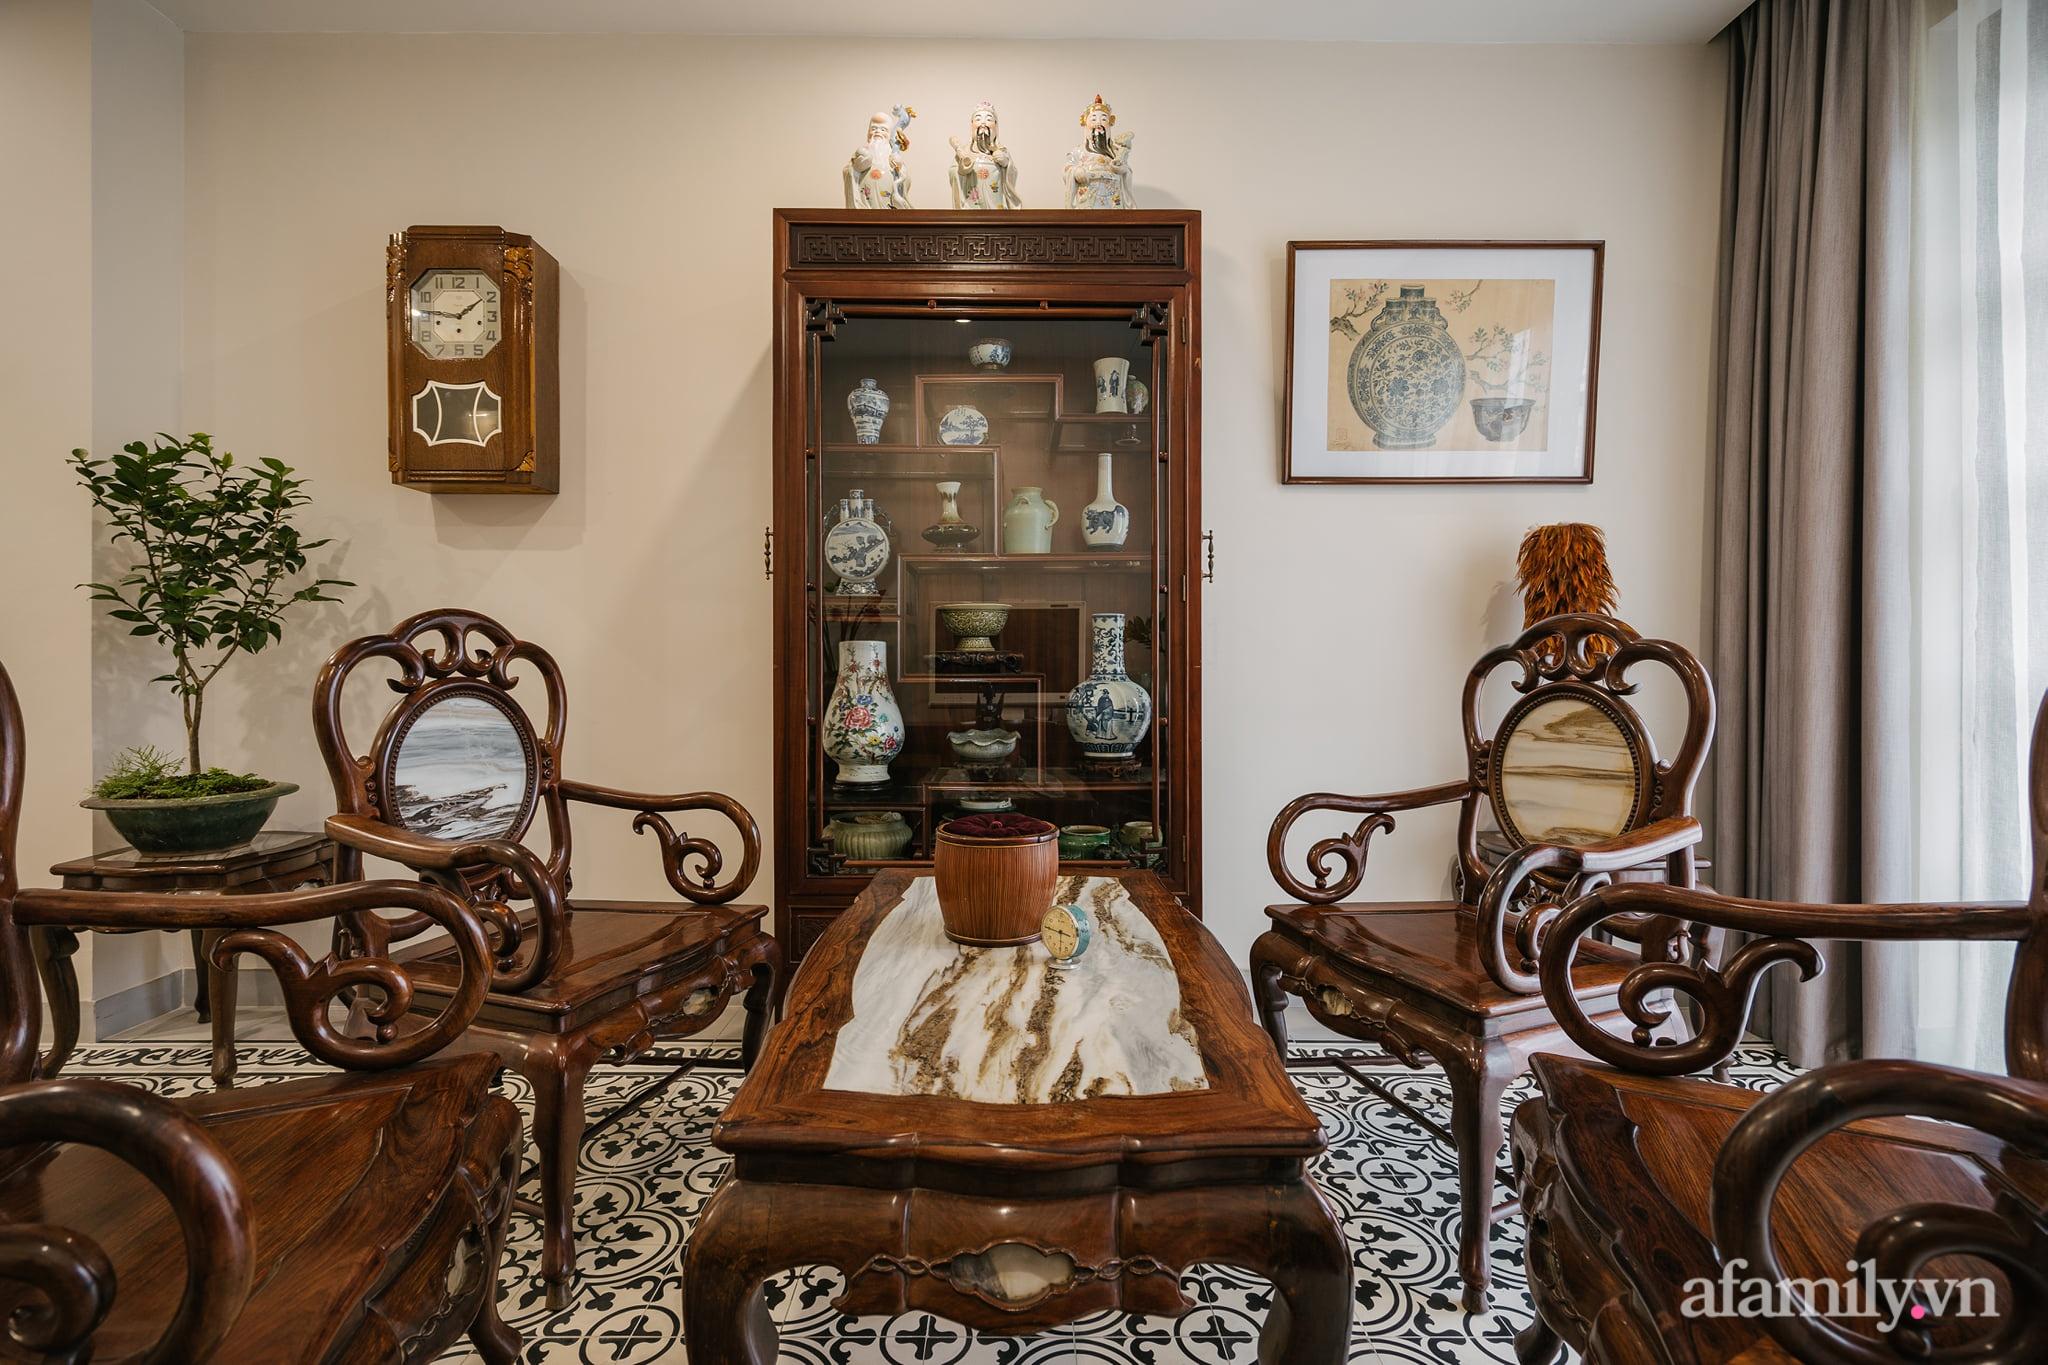 Căn nhà của miền ký ức được xây dựng từ lòng hiếu thảo của con trai dành cho bố mẹ ở Long Biên, Hà Nội - Ảnh 5.